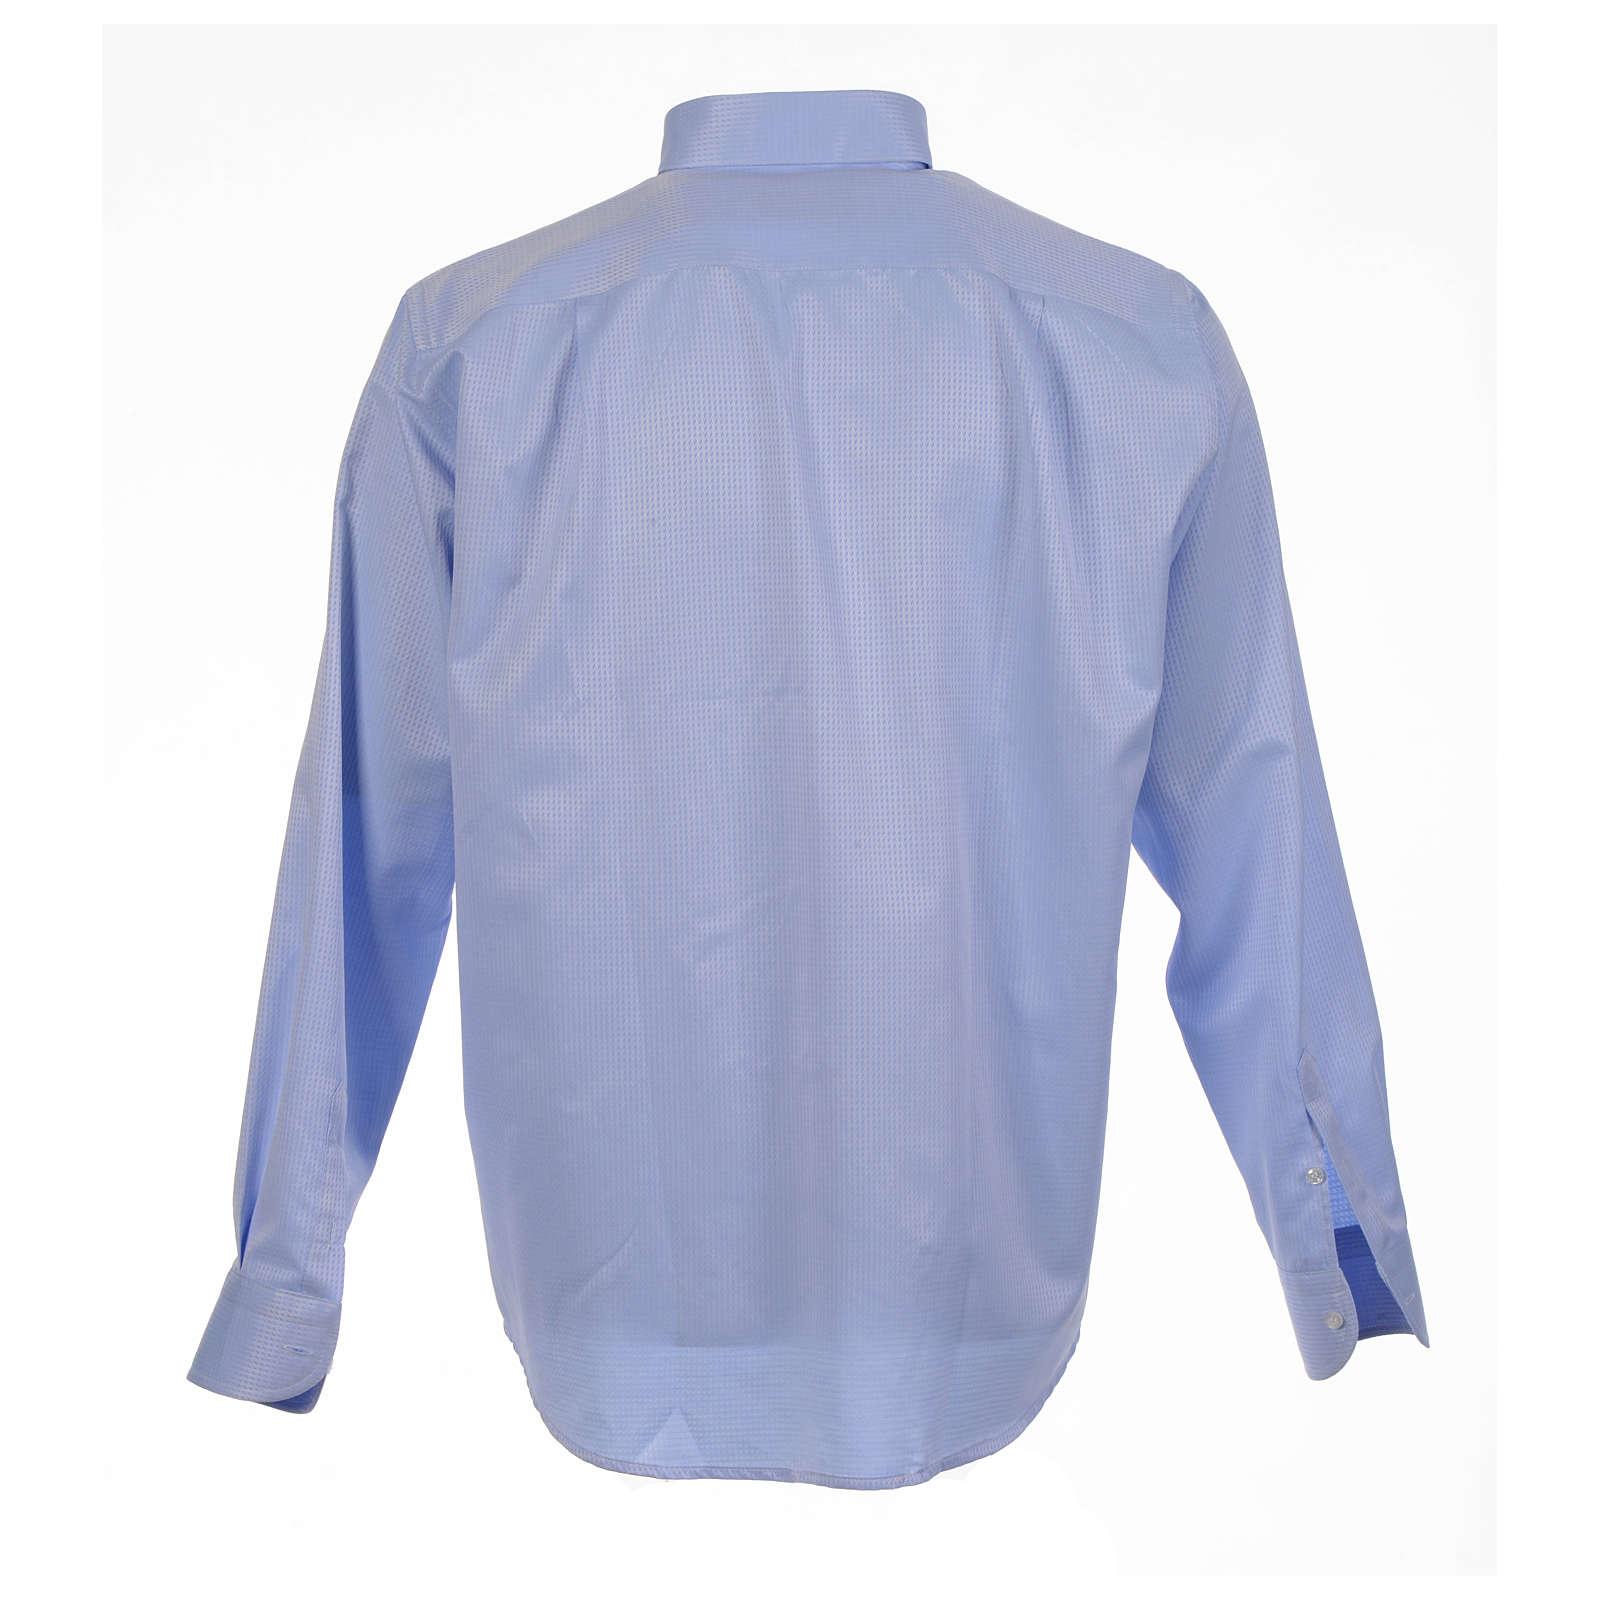 Camisa clergy jacquard celeste manga larga 4